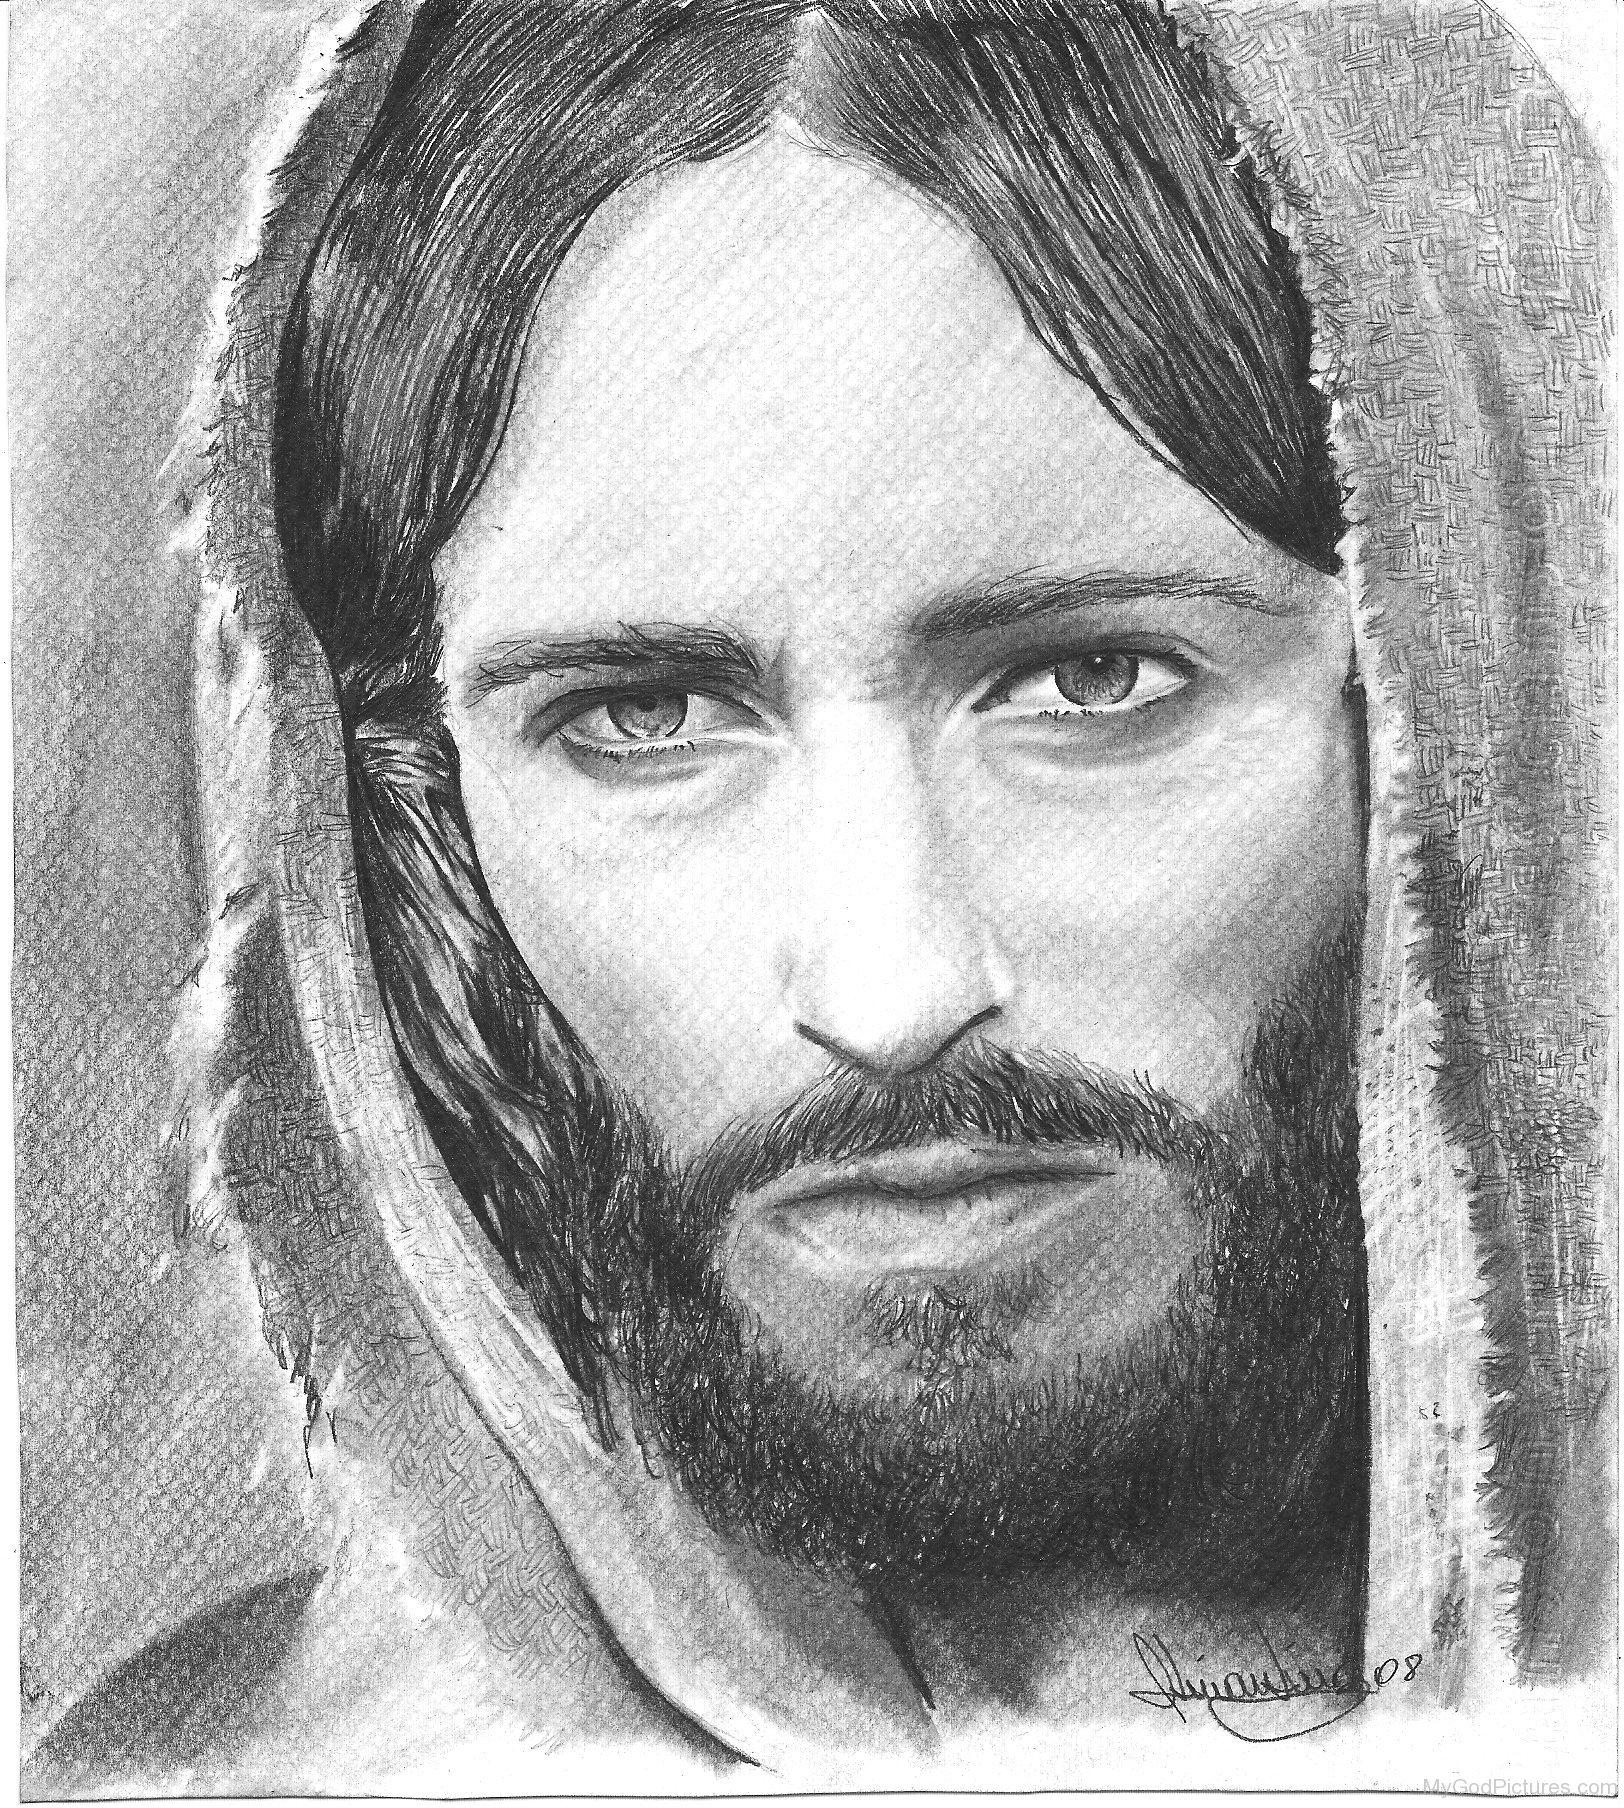 Portrait of jesus photo